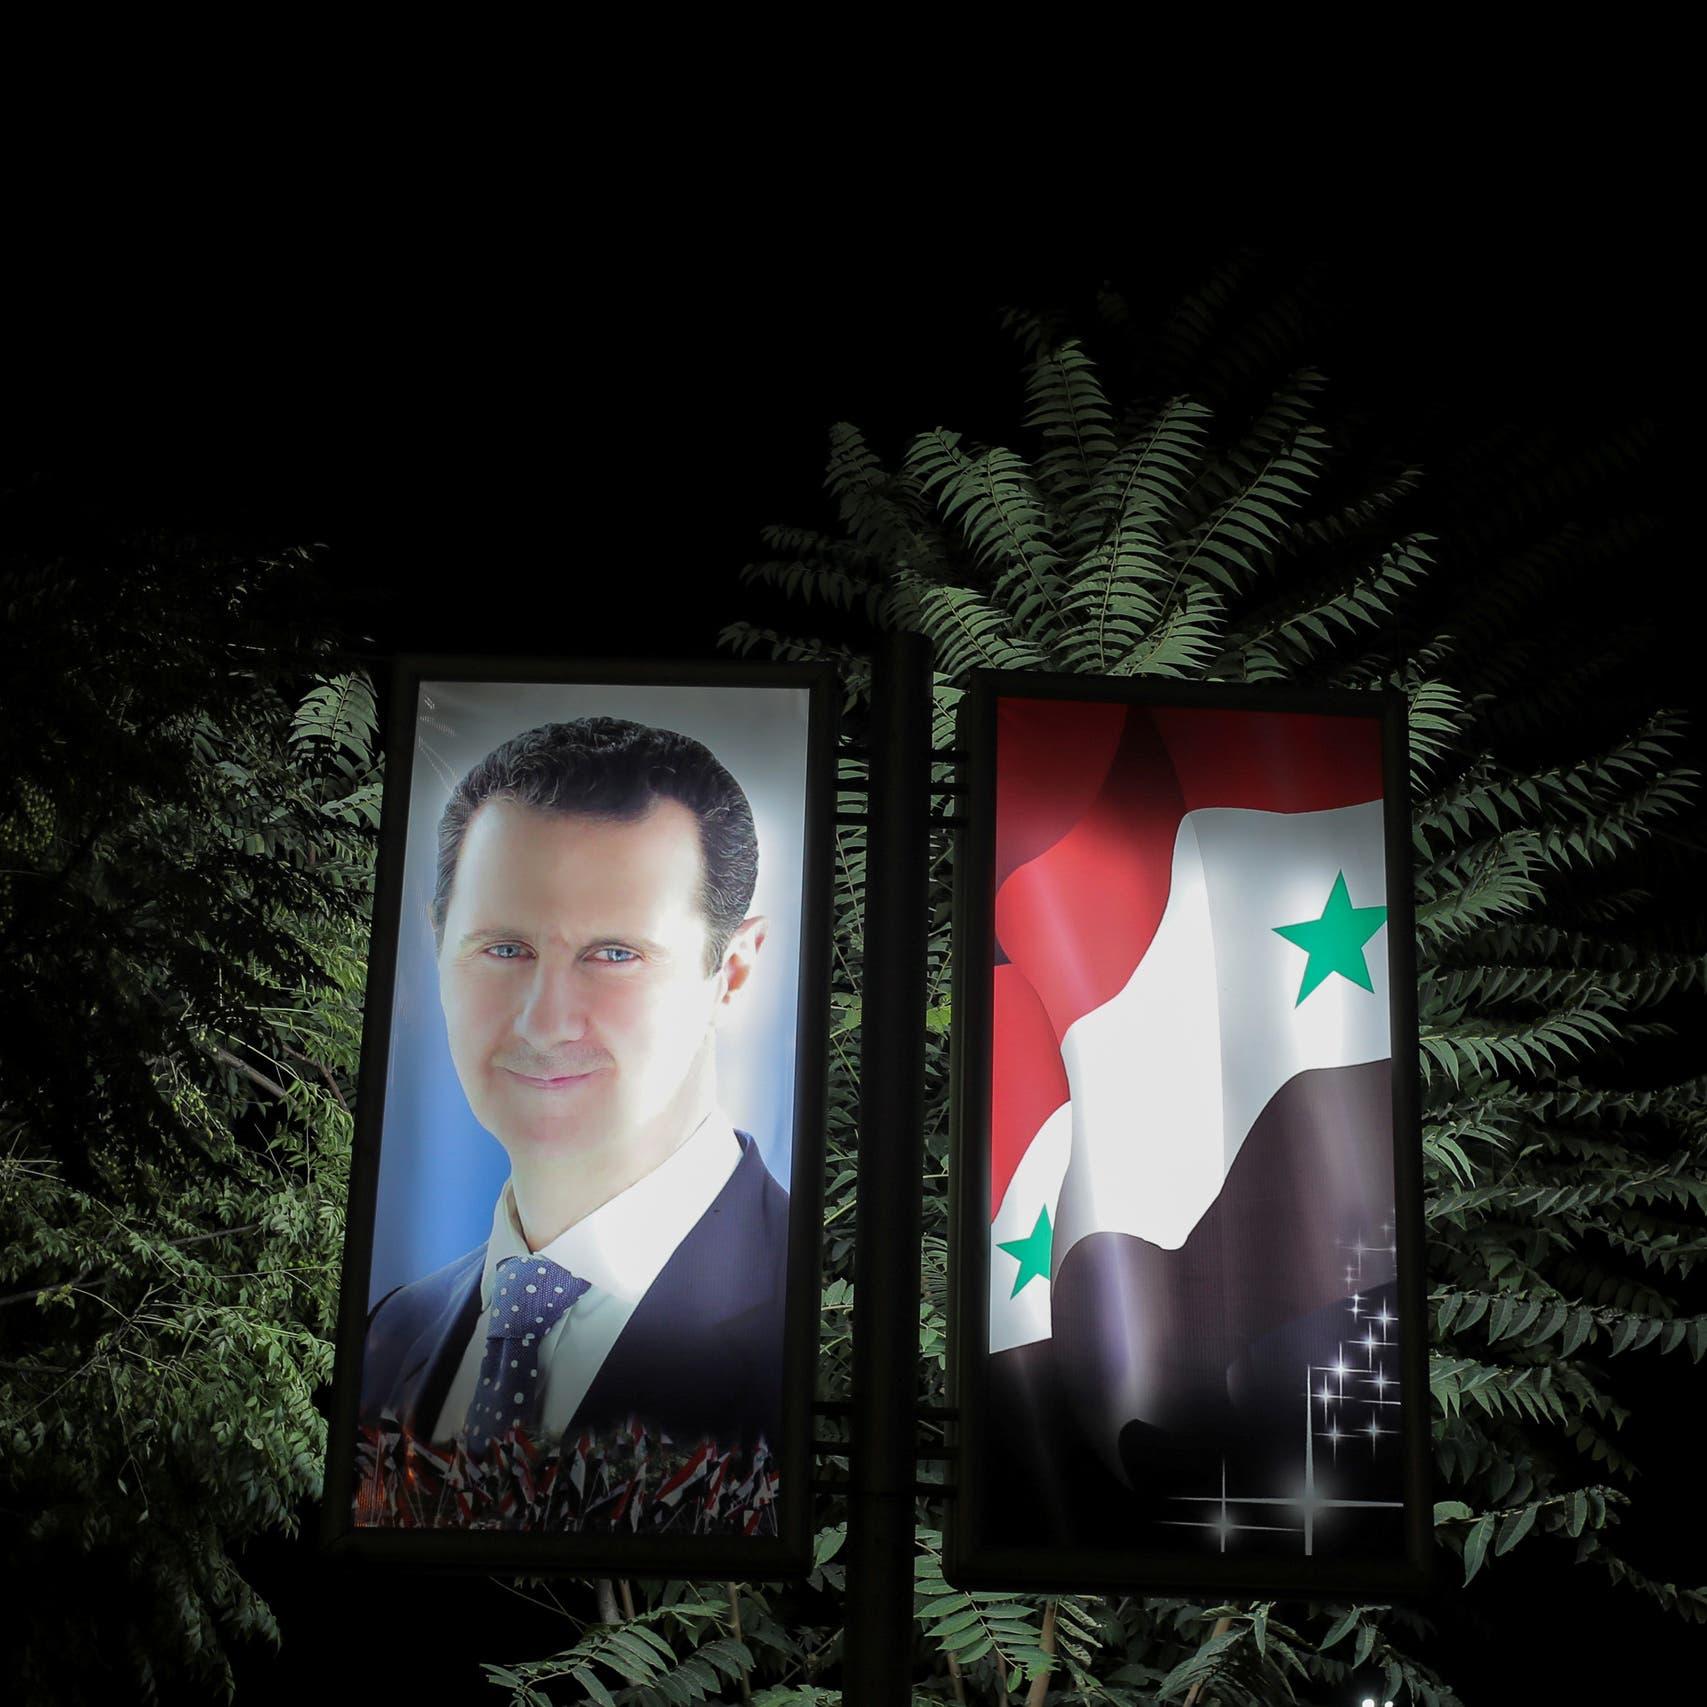 حزمة عقوبات ضخمة بوجه الأسد قريباً.. تطال أسماء كبيرة